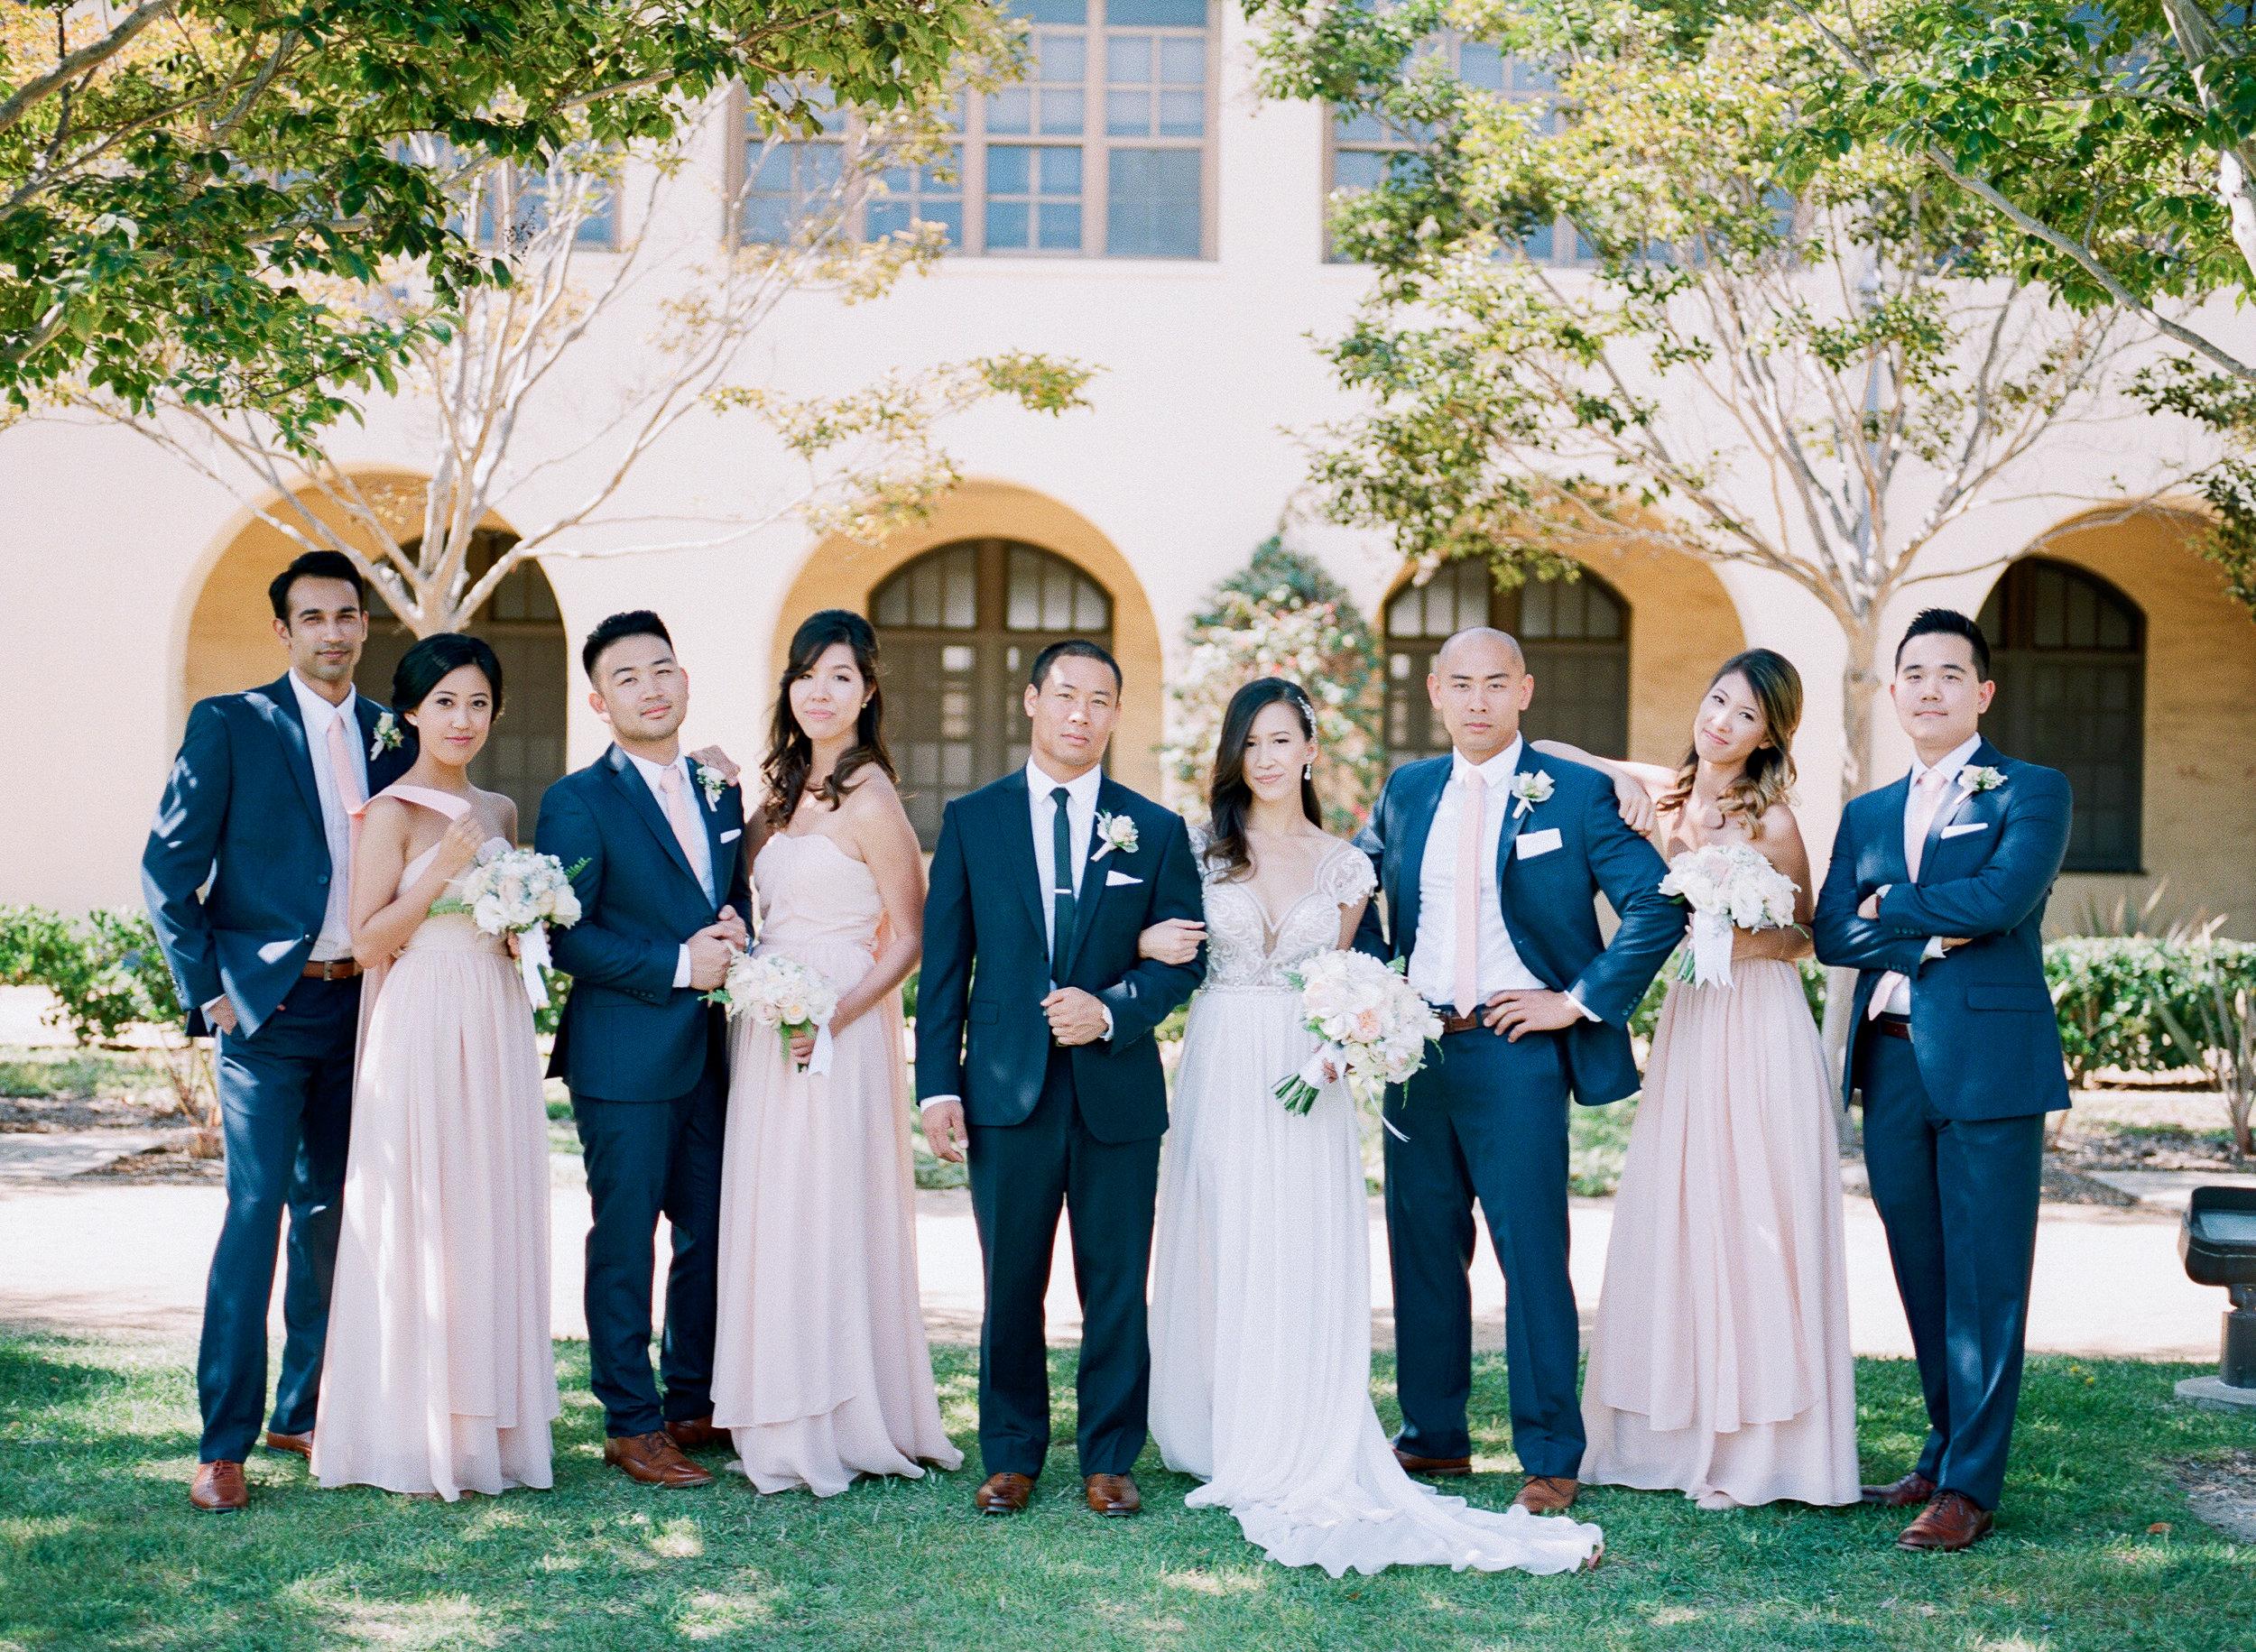 brick-san-diego-wedding-planner-best-wedding-planner-southern-california64.jpg